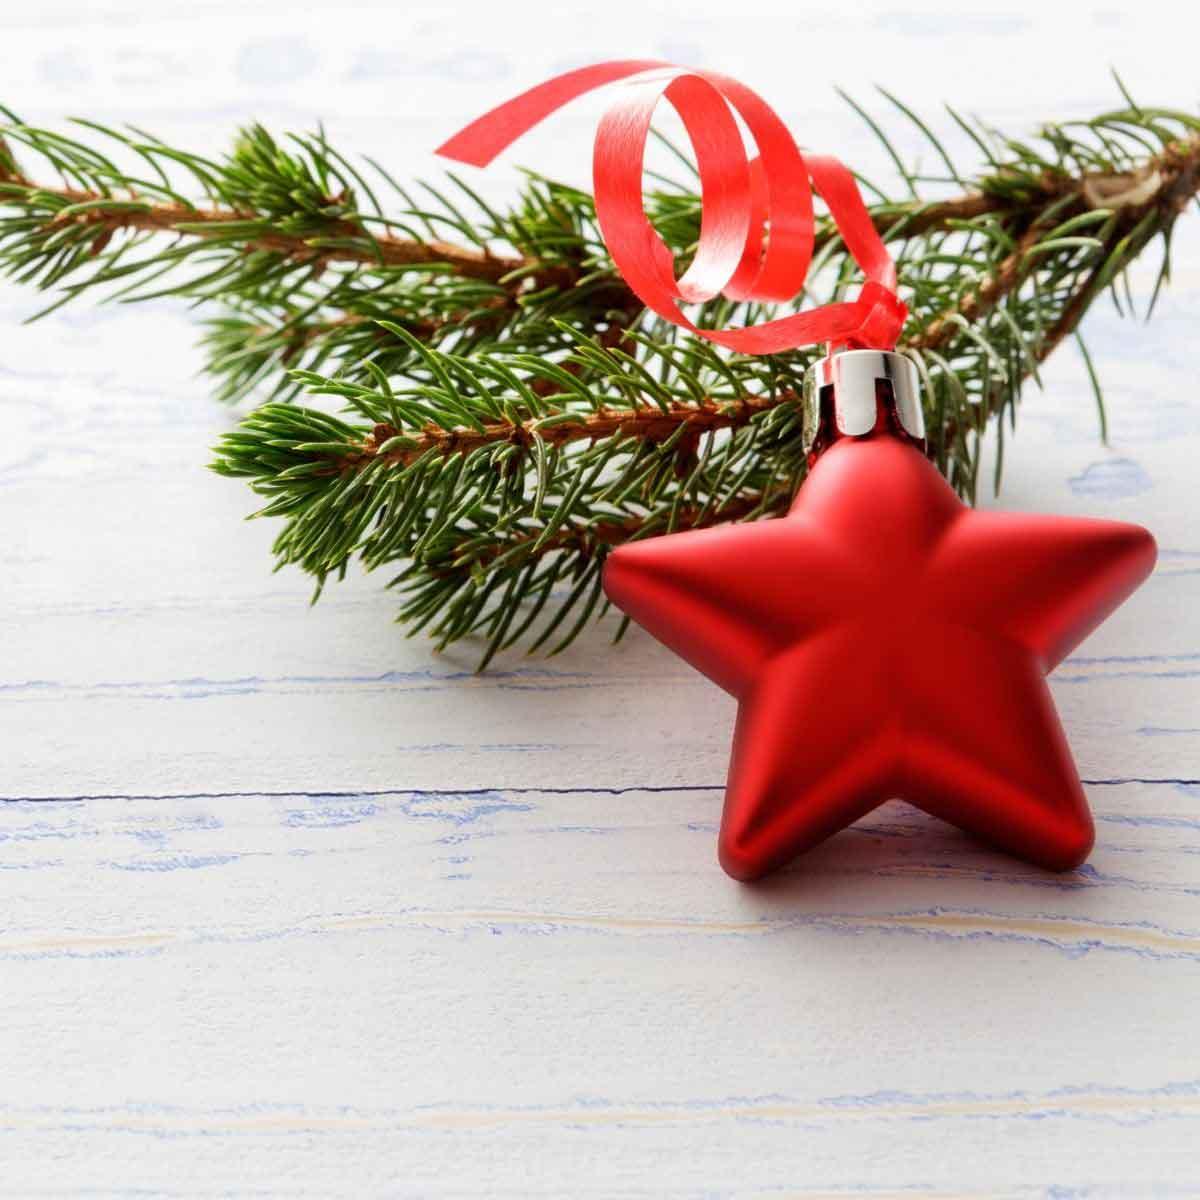 Natale è passato ma la festa continua!